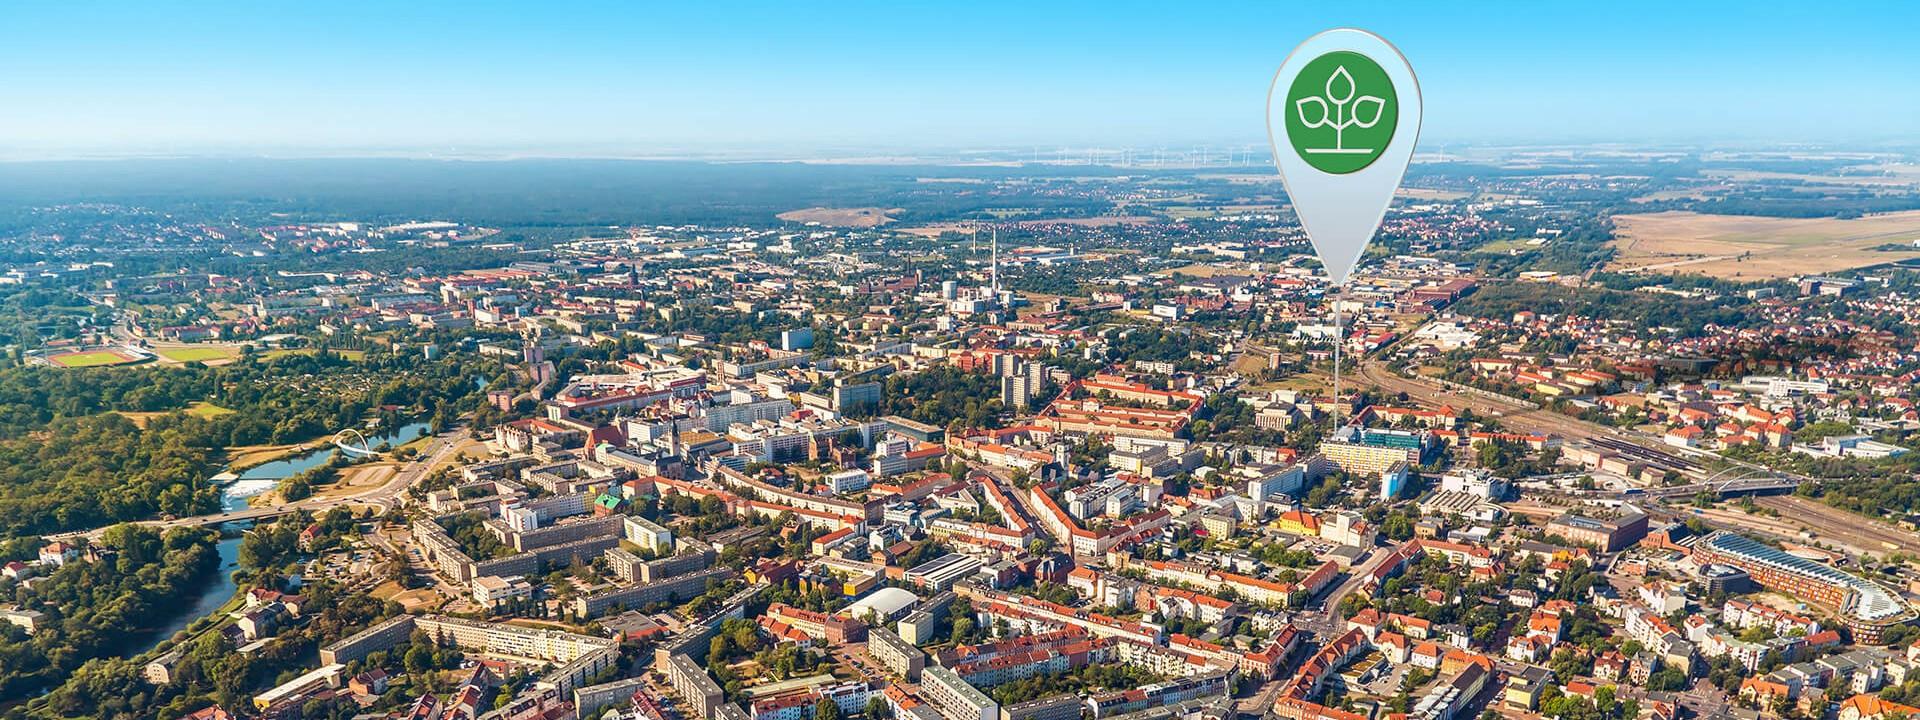 Luftbild von Dessau